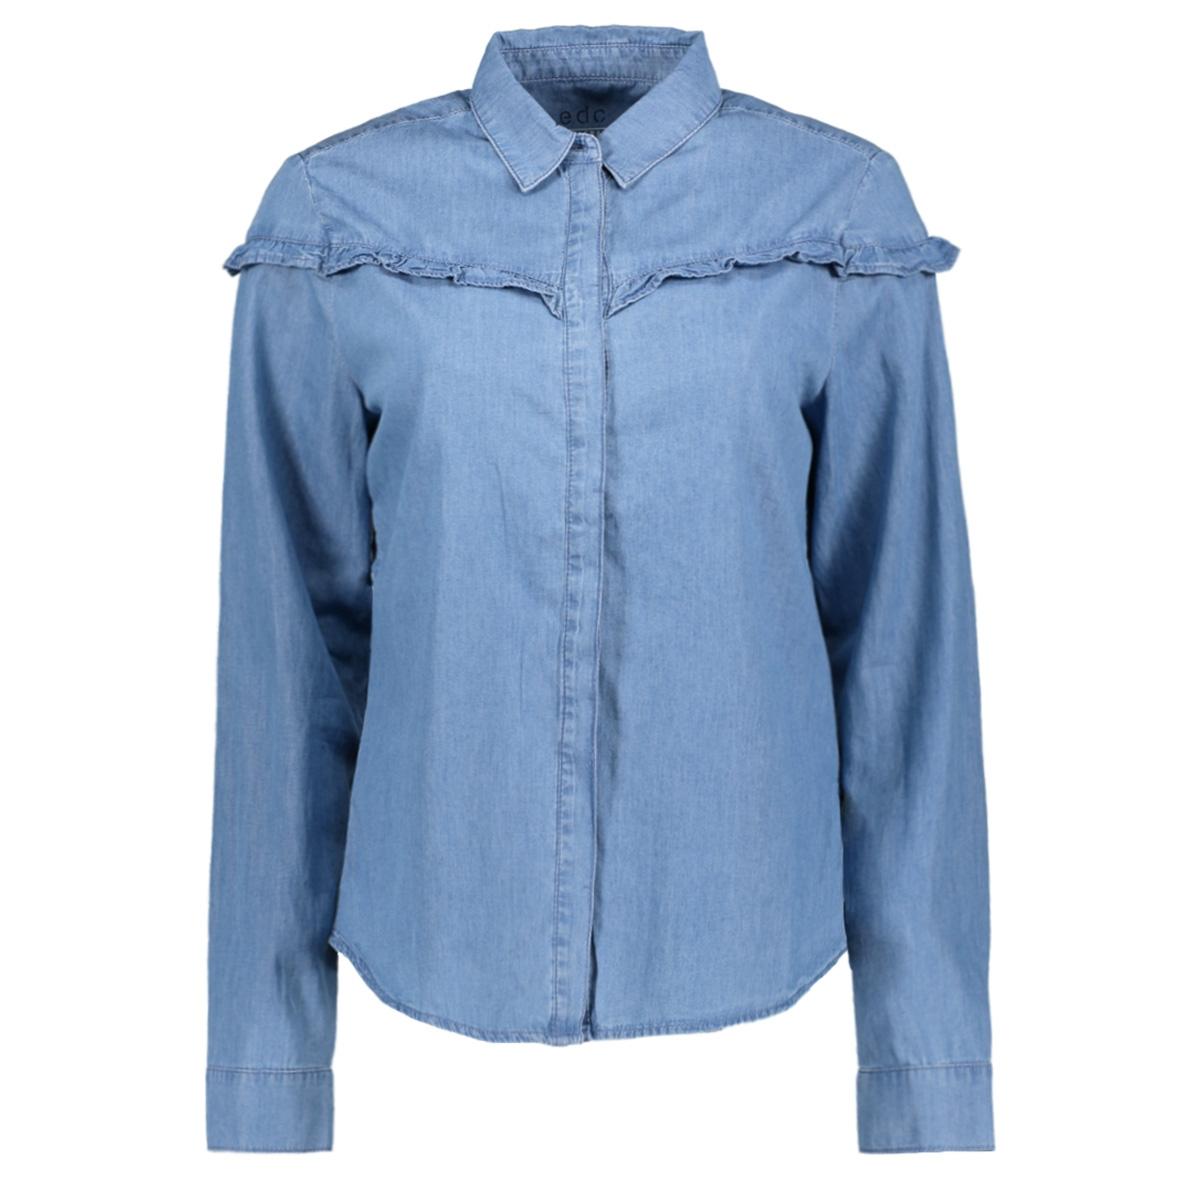 107cc1f014 edc blouse c902